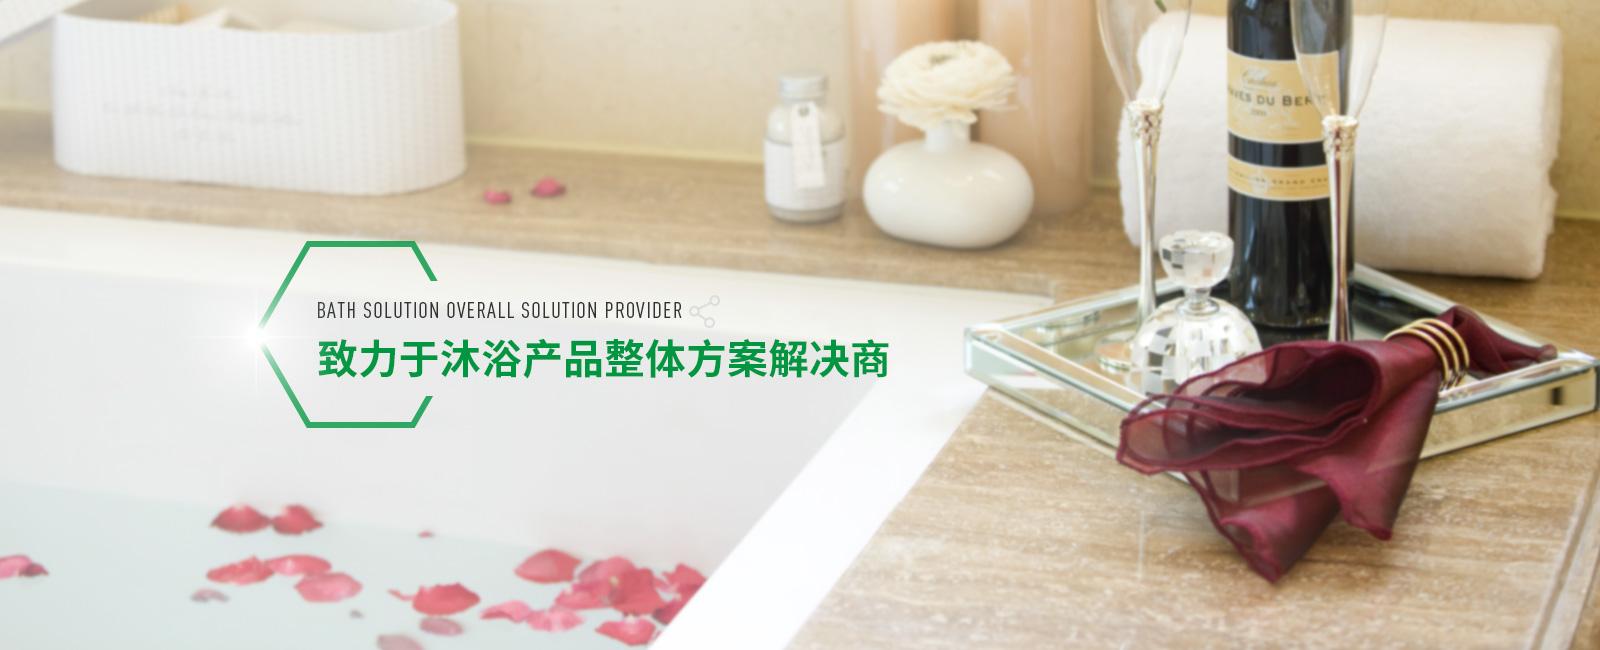 上海昌洁环保科技有限公司